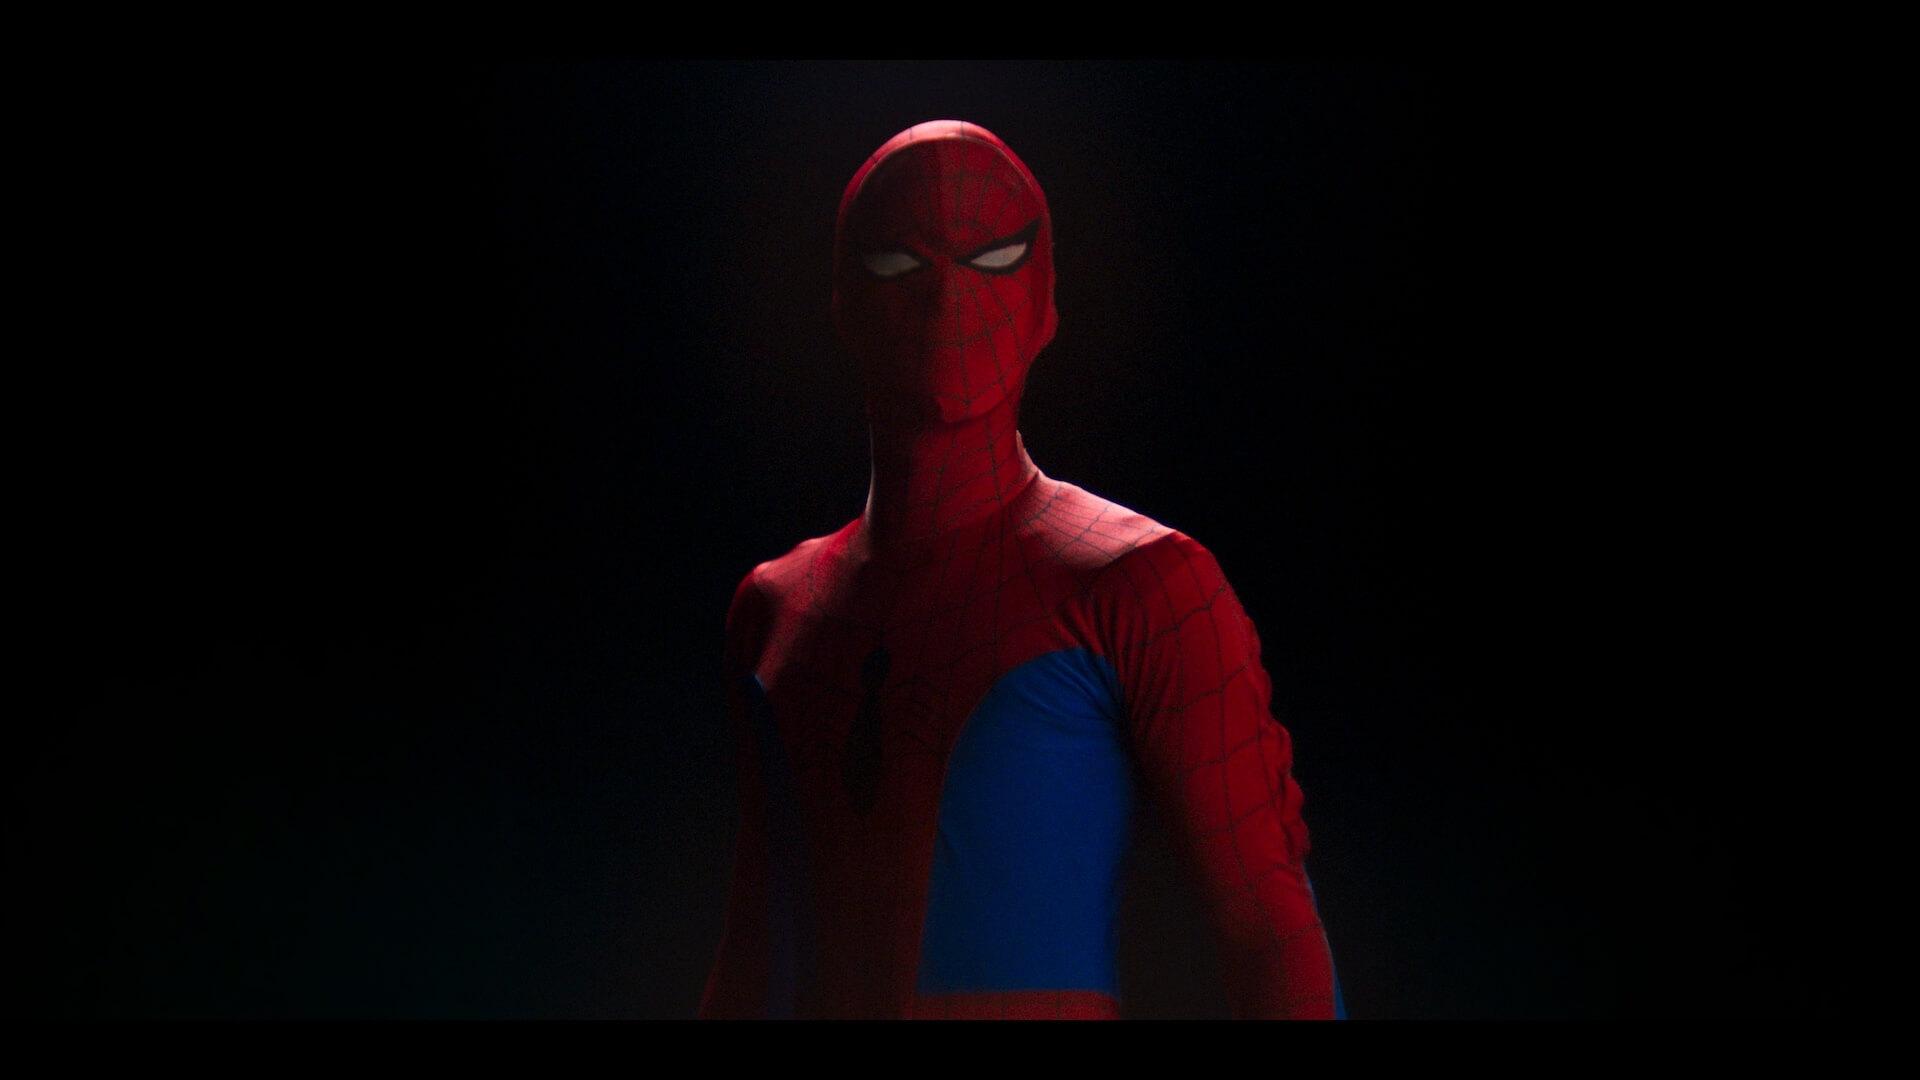 『東映版スパイダーマン』の魅力に迫る!?『マーベル616』を手がけたデヴィッド・ゲルブ監督にインタビュー interview201211_marvel616_9